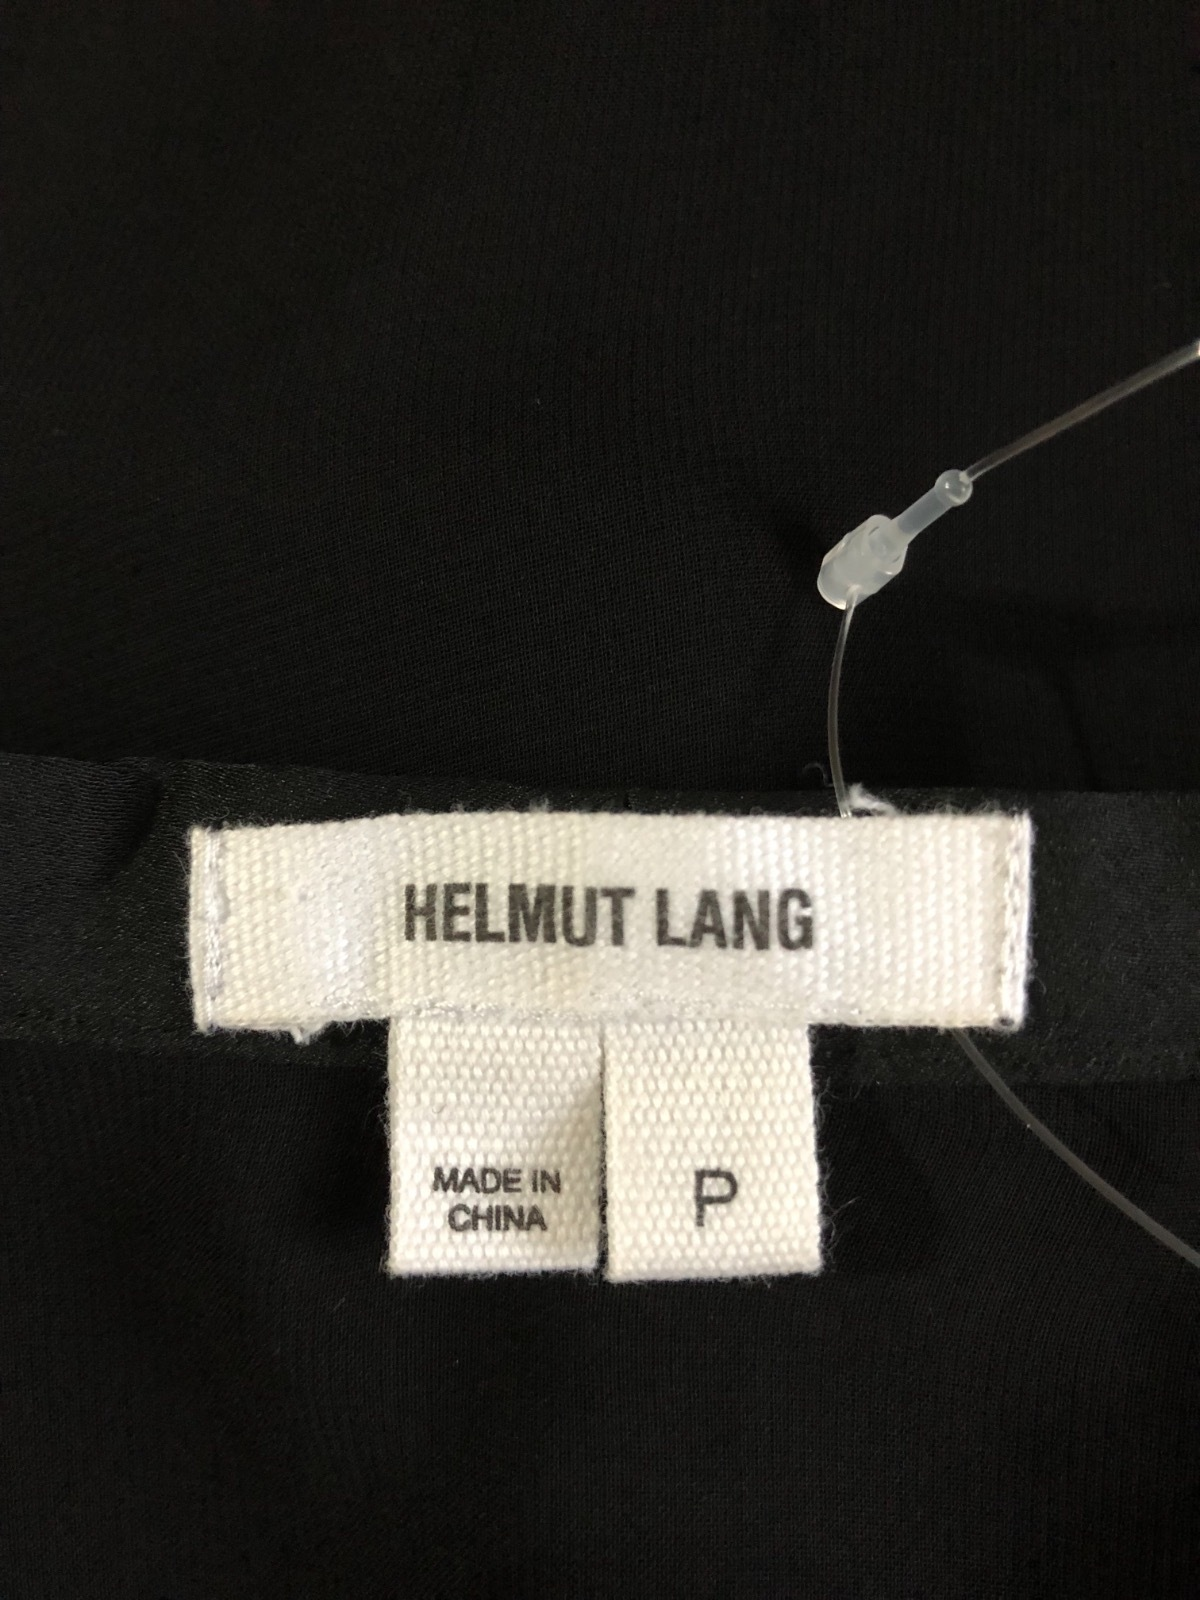 Helmut Lang(ヘルムートラング)のシャツブラウス